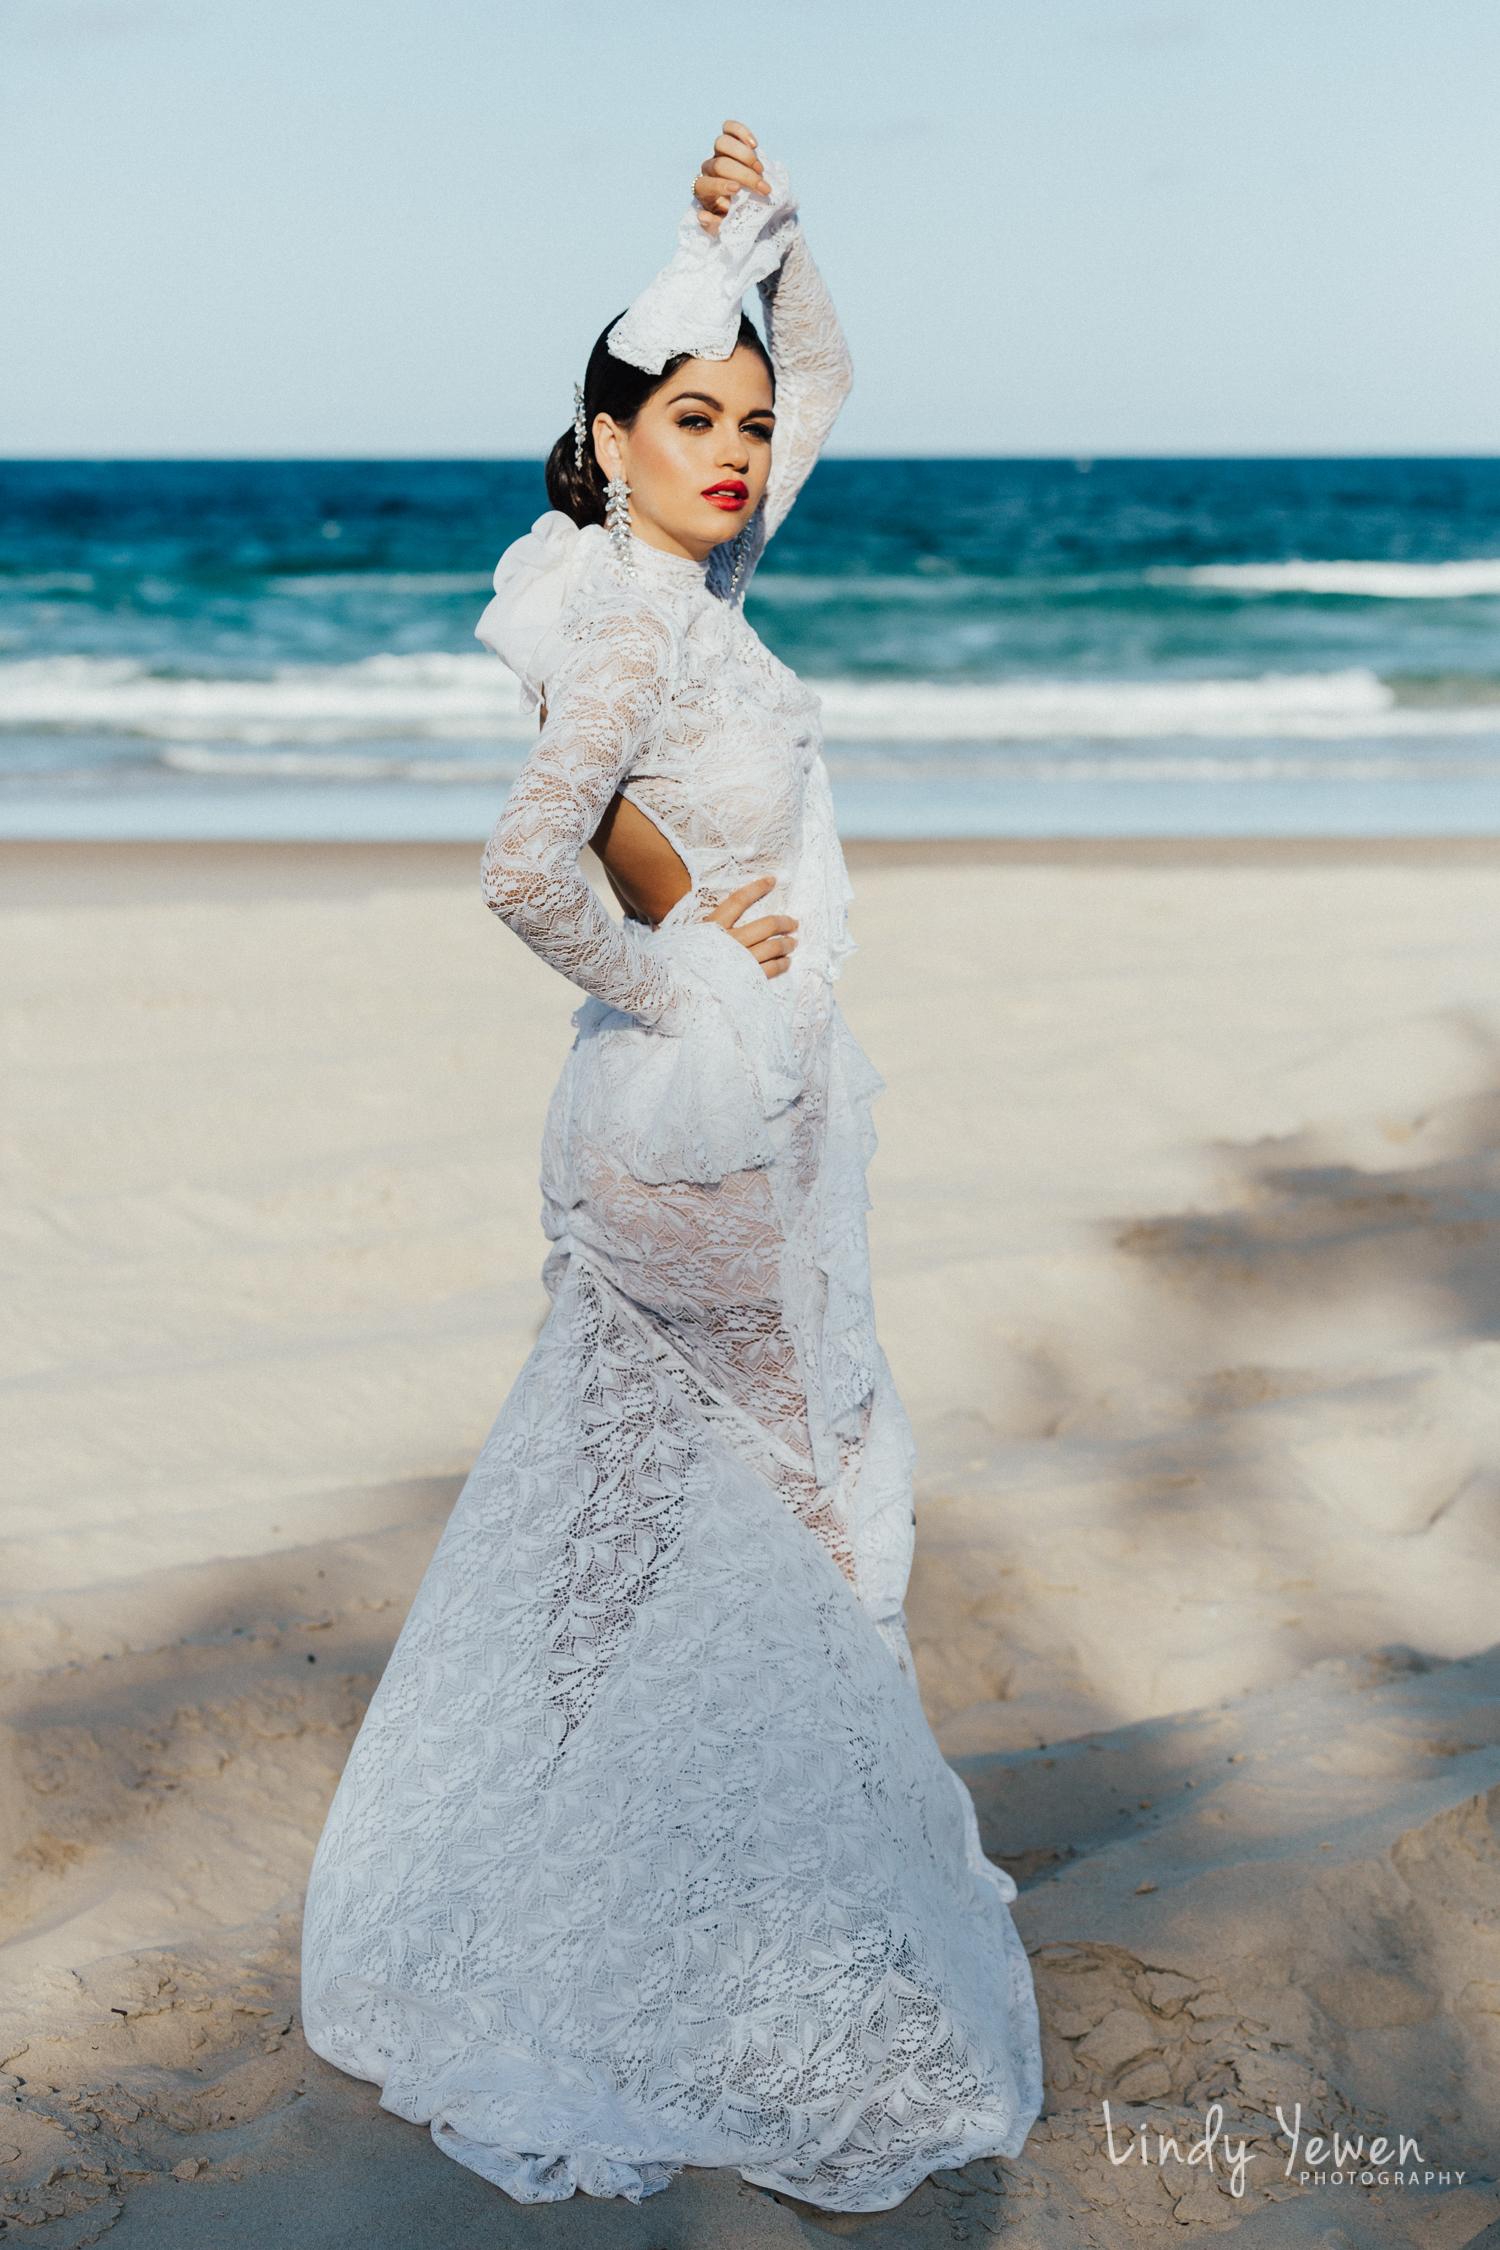 Lindy-Yewen-Photography-Spanish-Wedding 71.jpg